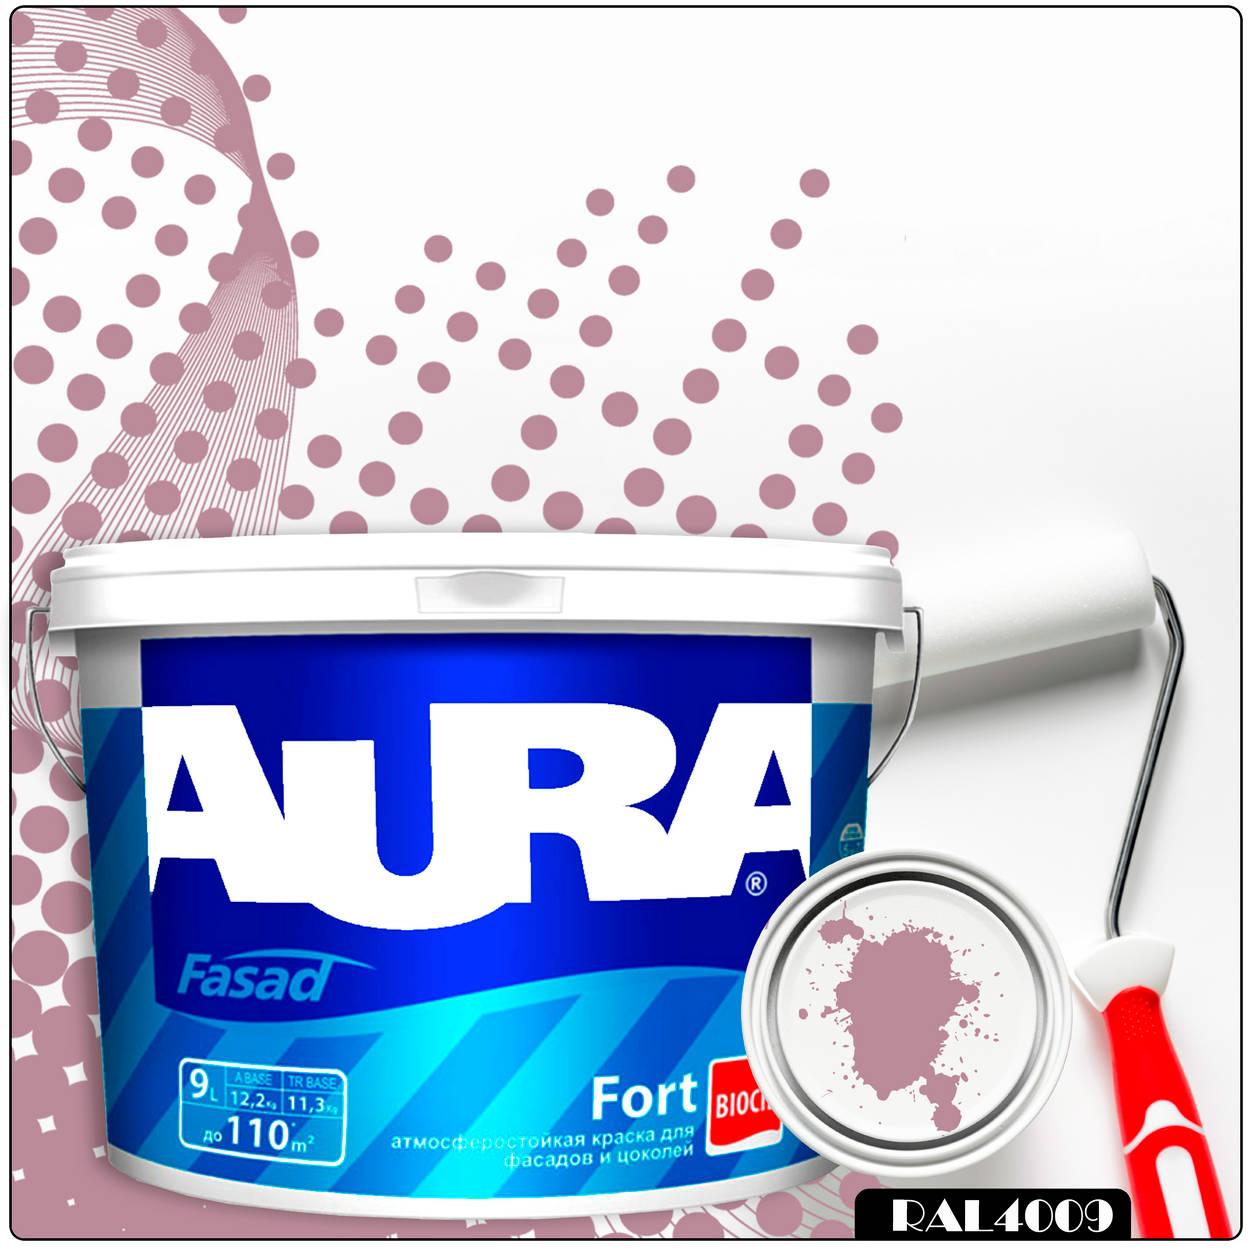 Фото 9 - Краска Aura Fasad Fort, RAL 4009 Пастельно-фиолетовый, латексная, матовая, для фасада и цоколей, 9л, Аура.